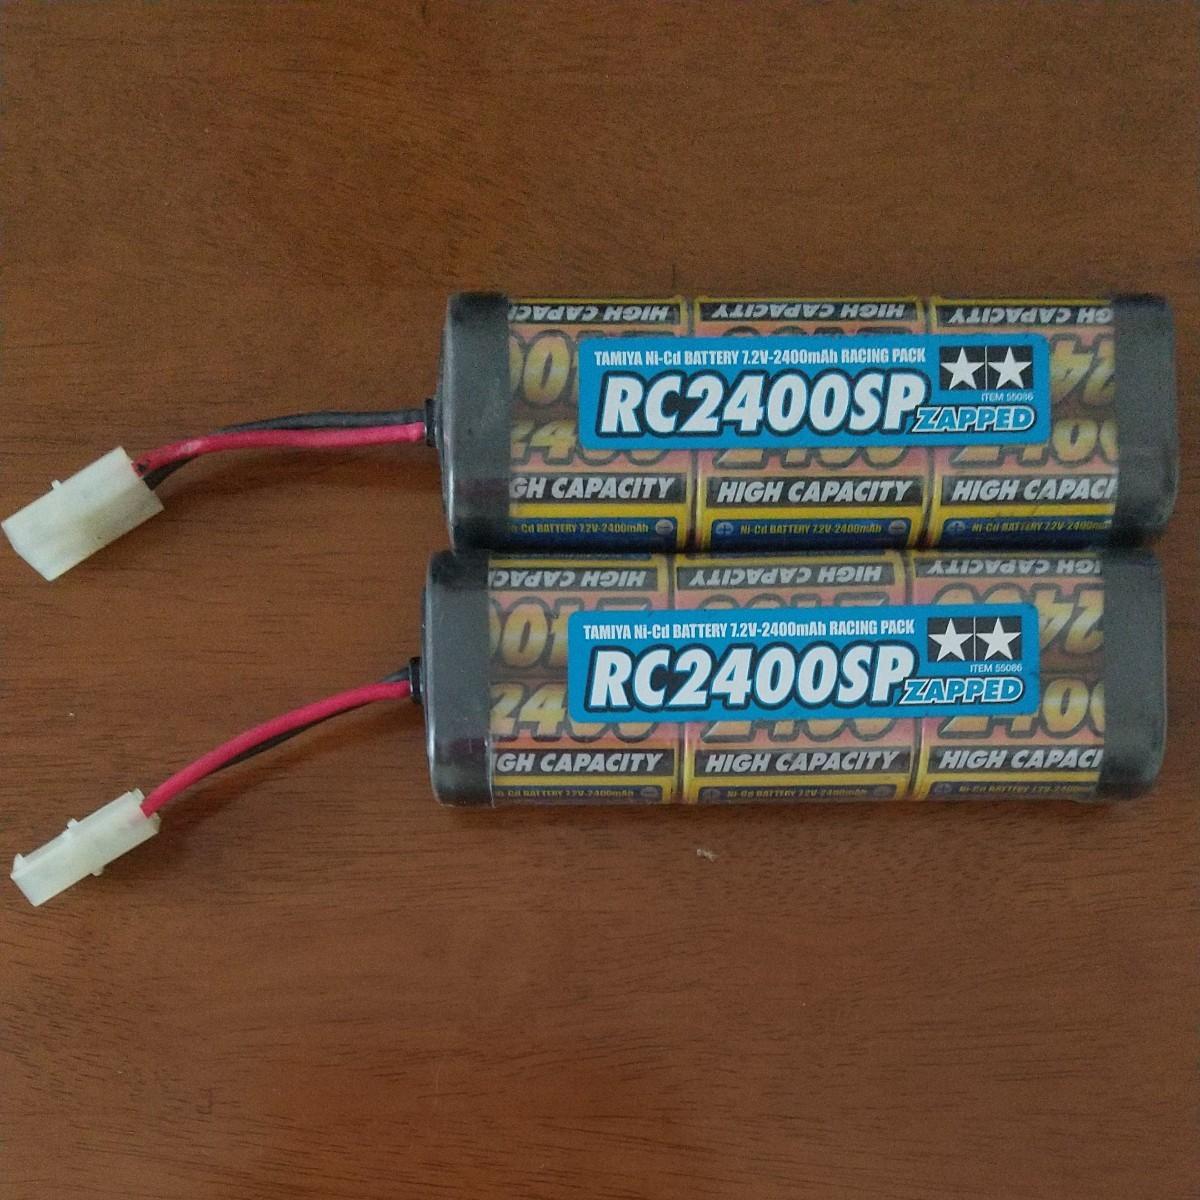 タミヤ ニカドバッテリー ザップドRC2400SP 2本セット☆